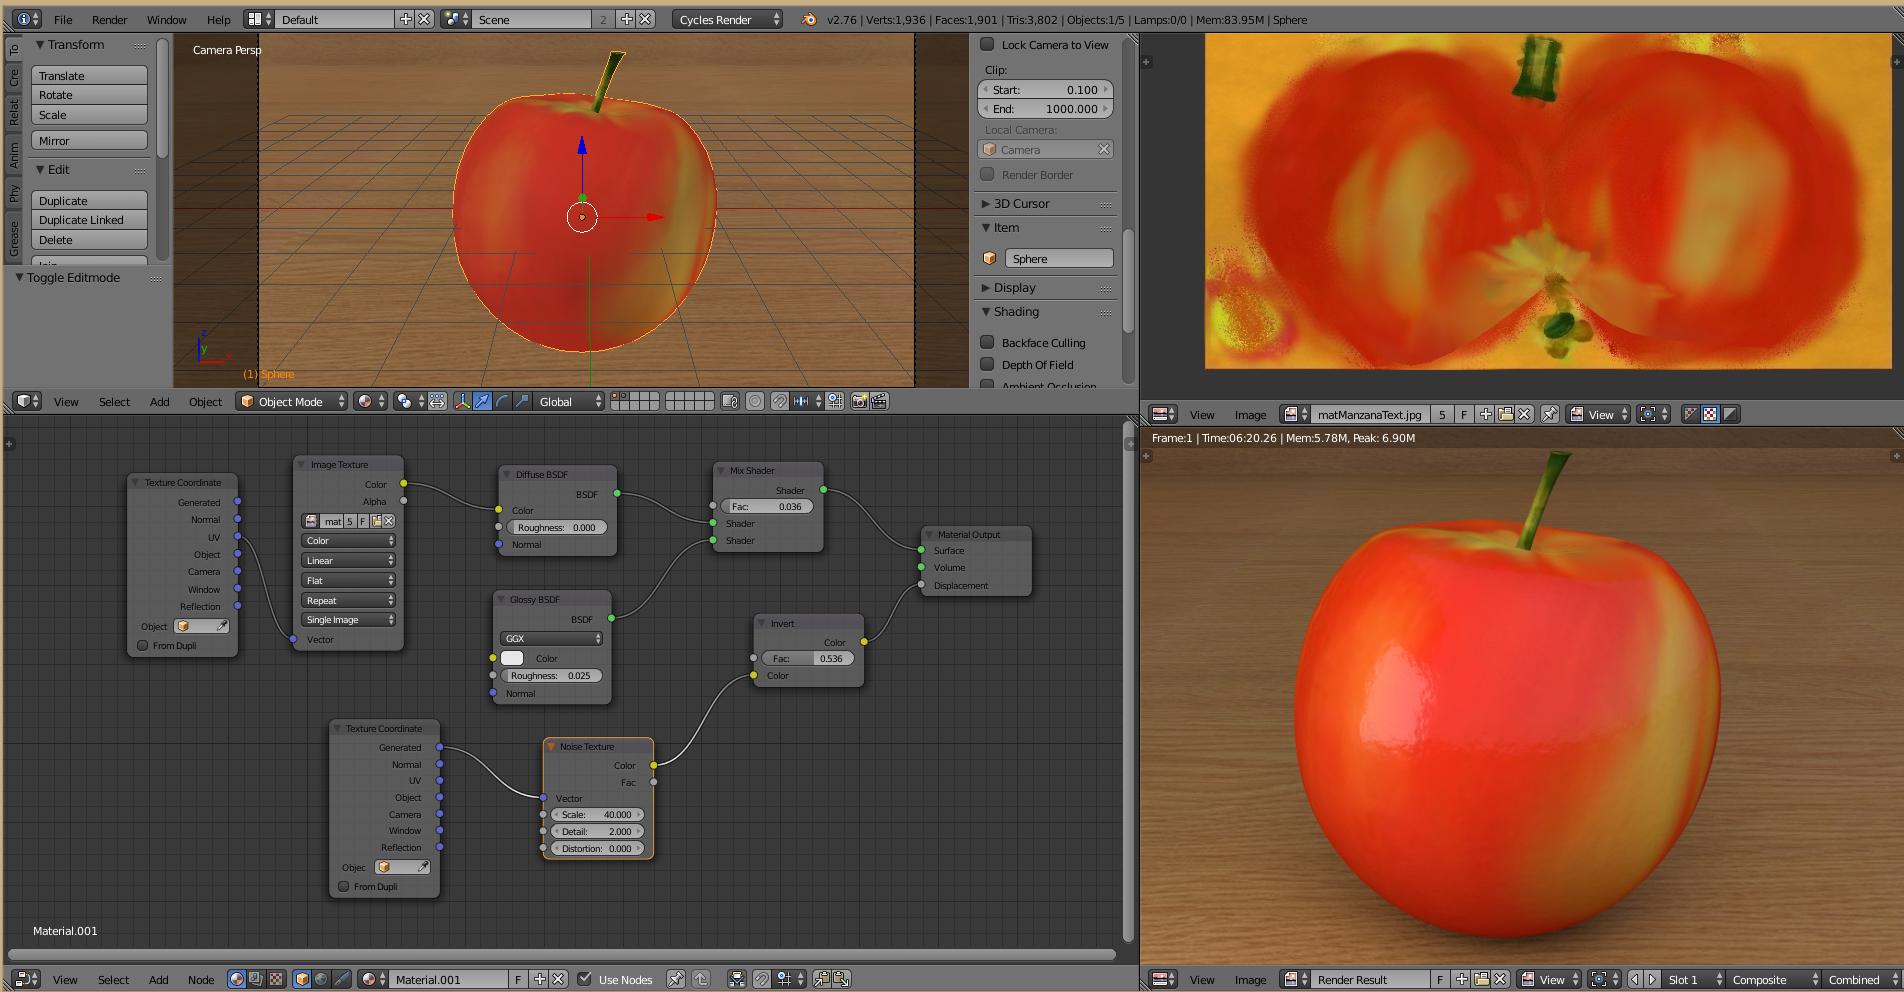 Problema con la piel de una manzana-manzana_01.jpg